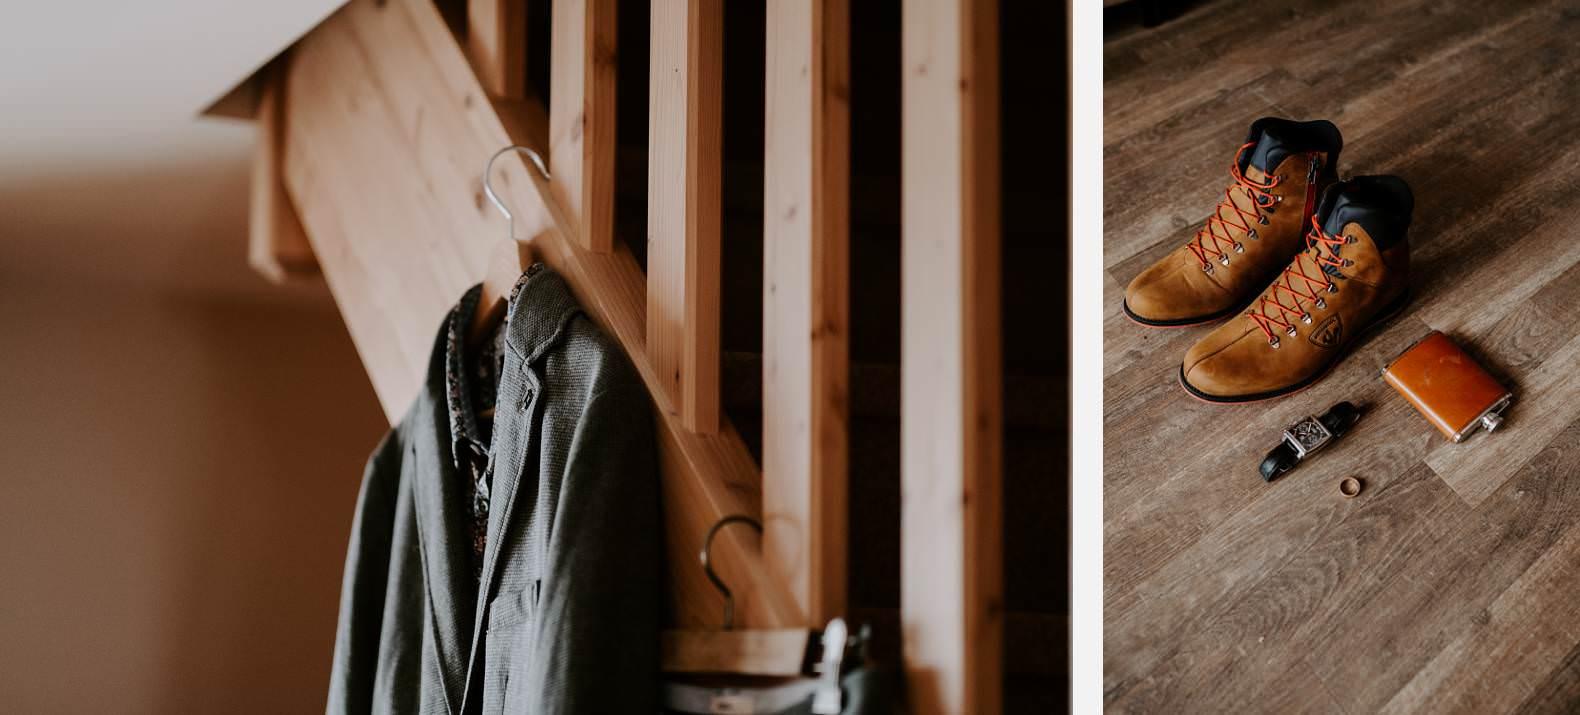 mariage hiver alpes huez isere hotel grandes rousses photographe bel esprit 0004